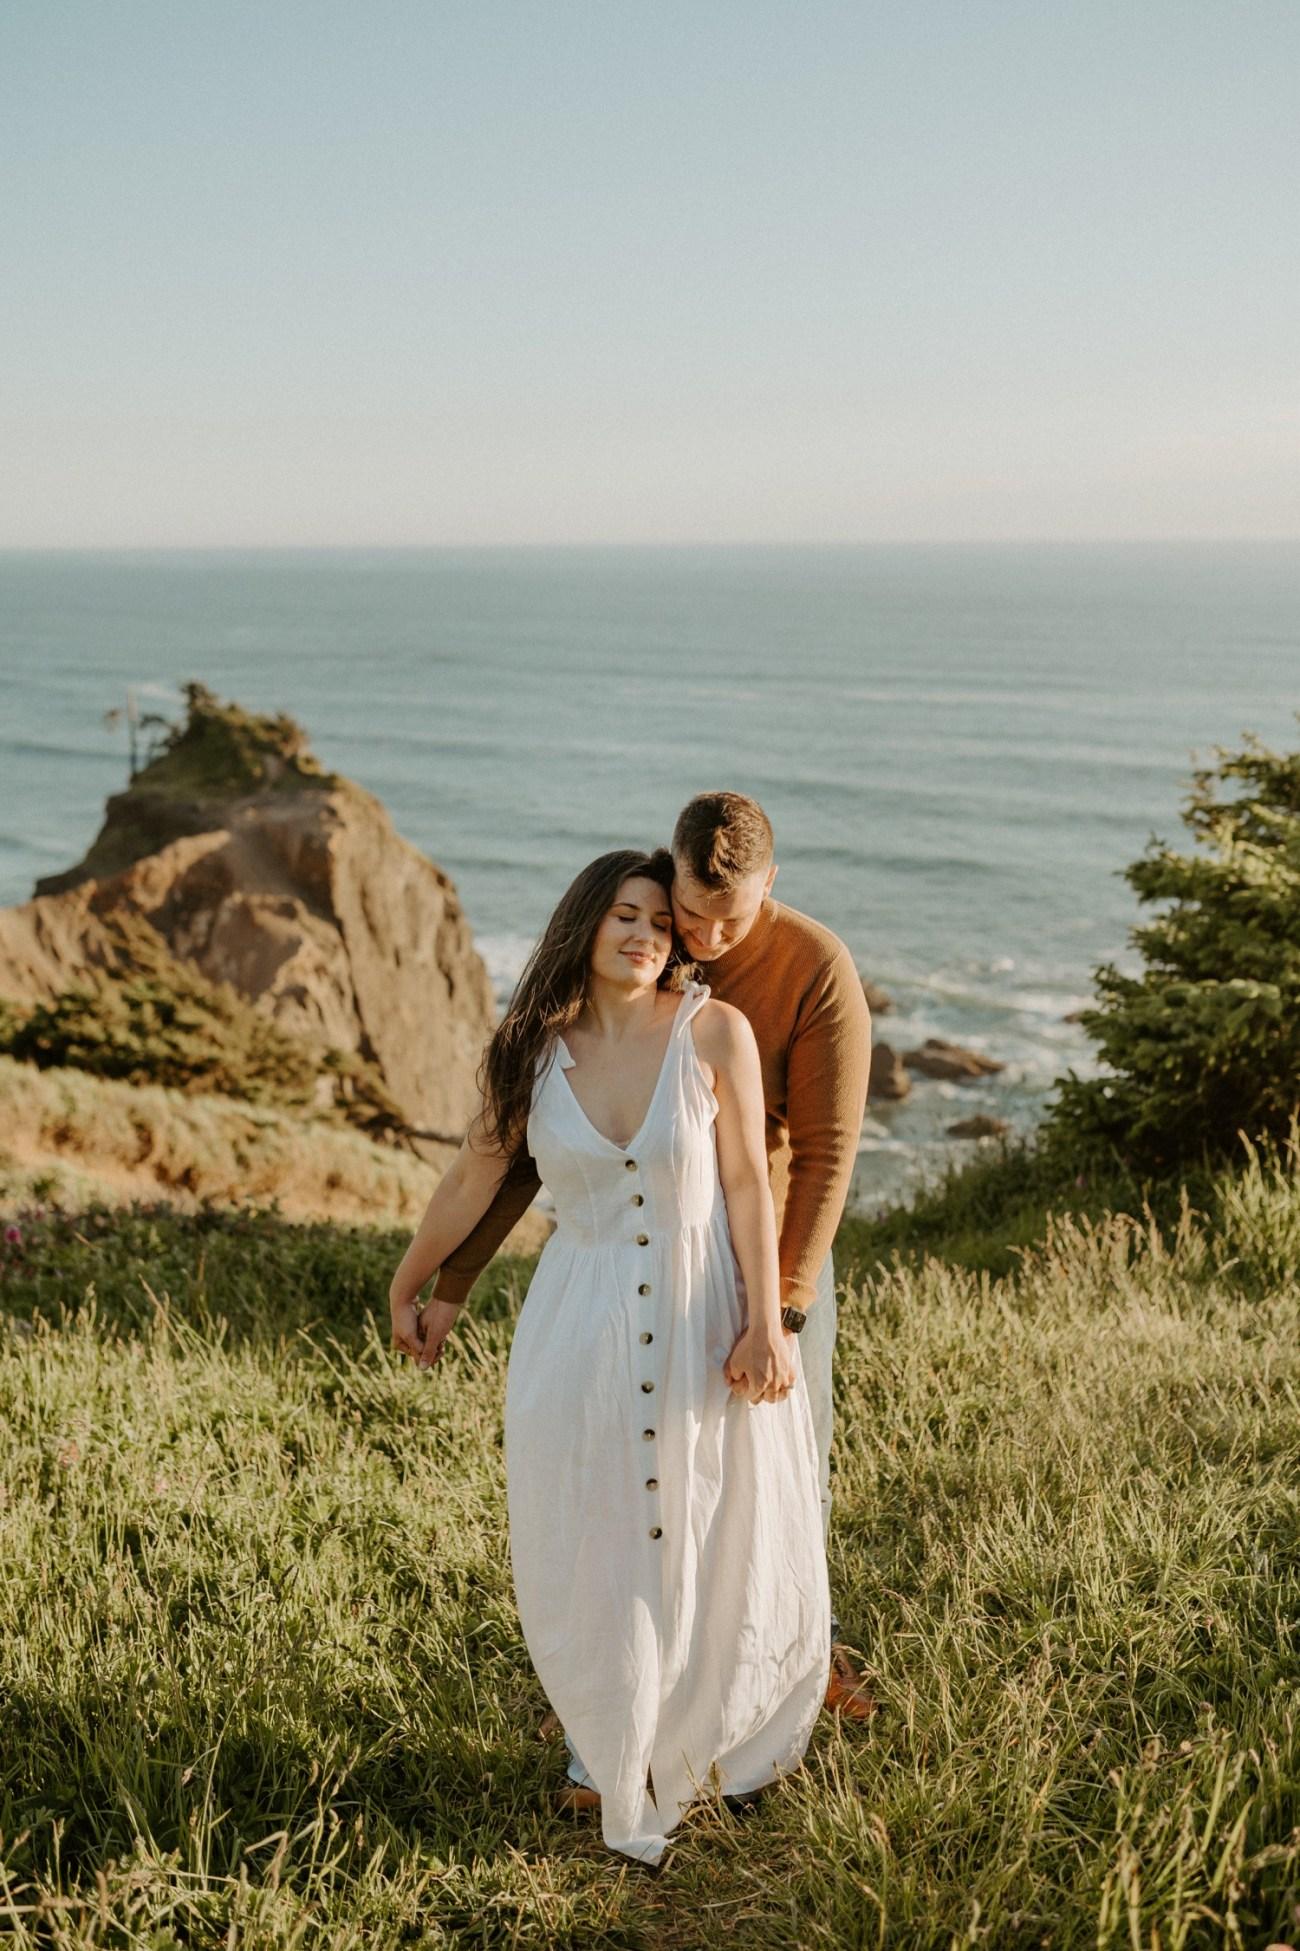 Oregon Coast Gods Thumb Engagement Session Bend Oregon Wedding Photographer Anais Possamai Photography 09